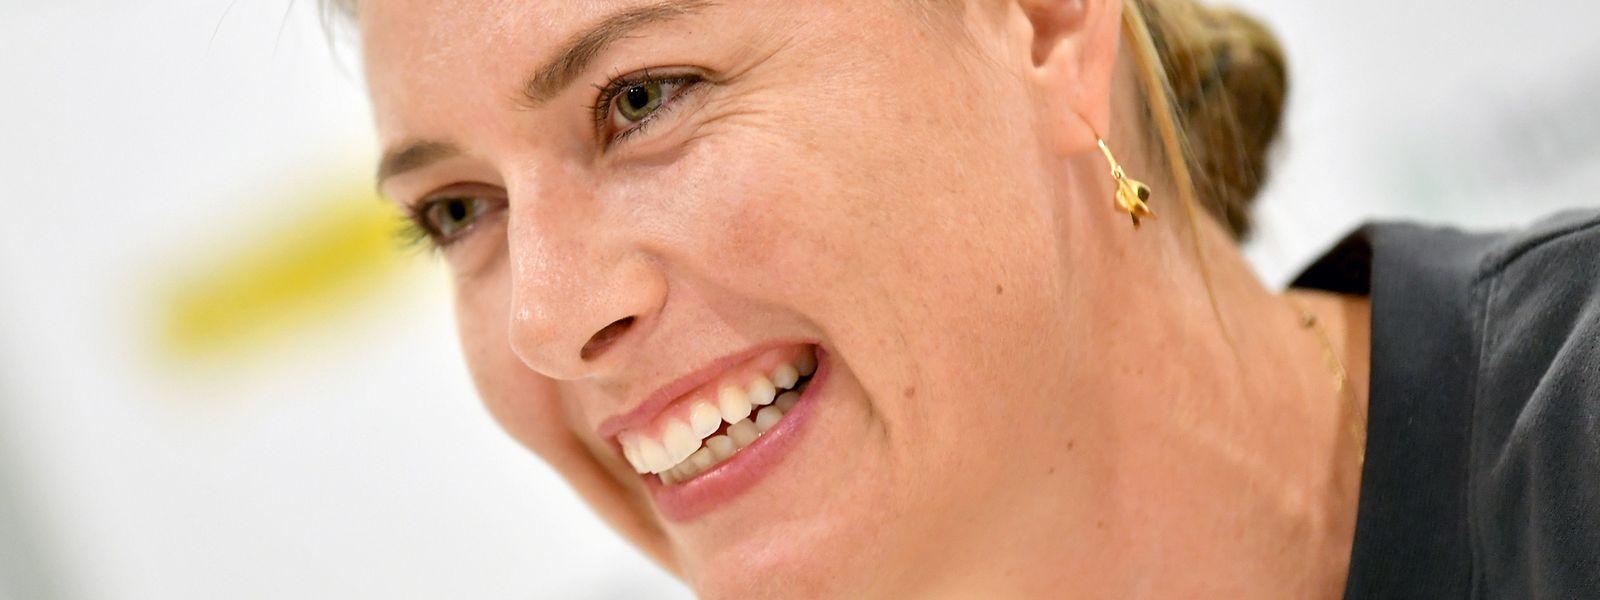 Maria Sharapova war am Dienstag in Linz zu Gast, aber nicht um Tennis zu spielen.